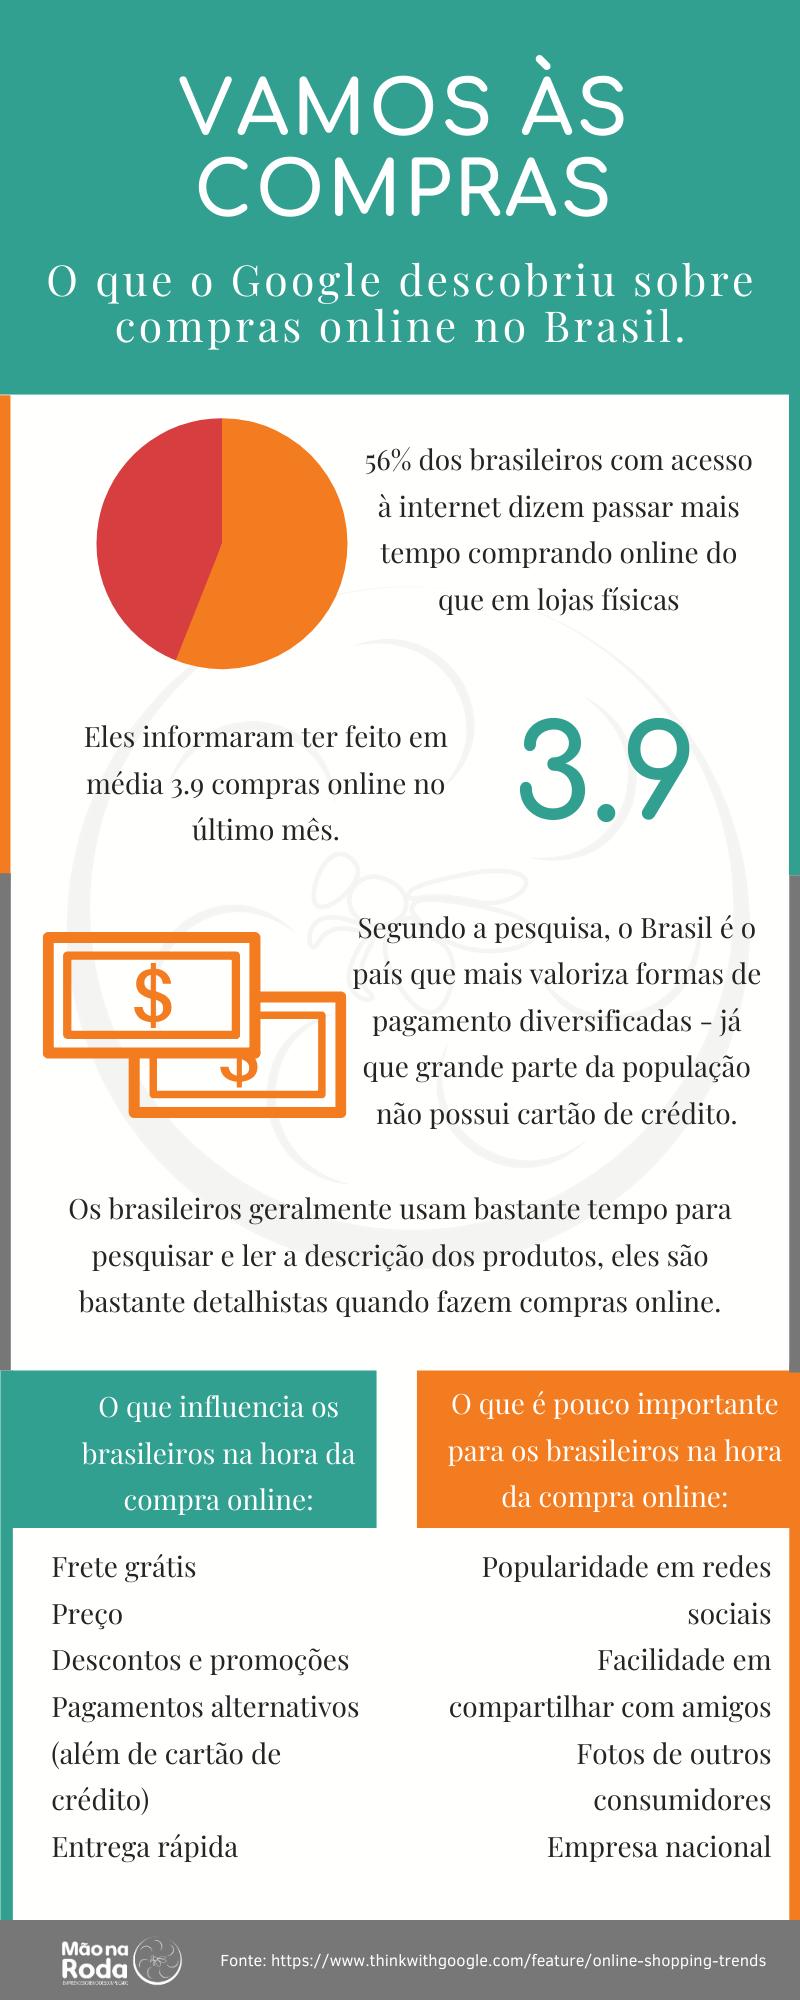 Vamos às compras - um infográfico sobre o que o Google descobriu sobre compras online no Brasil.